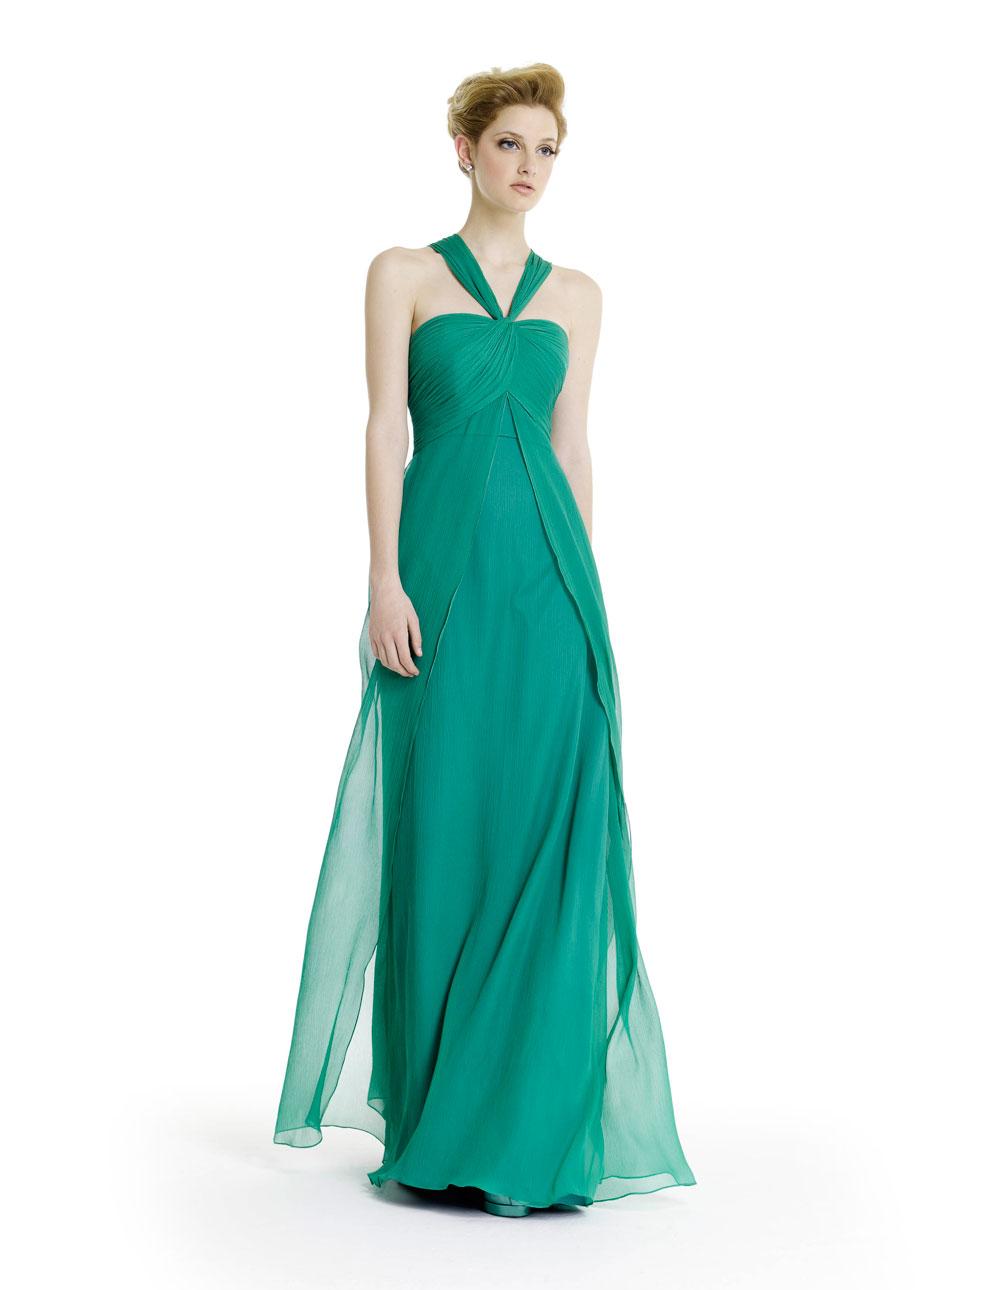 Moda y más: Vestidos de fiesta - Colección Alma Novia 2012 - Parte II